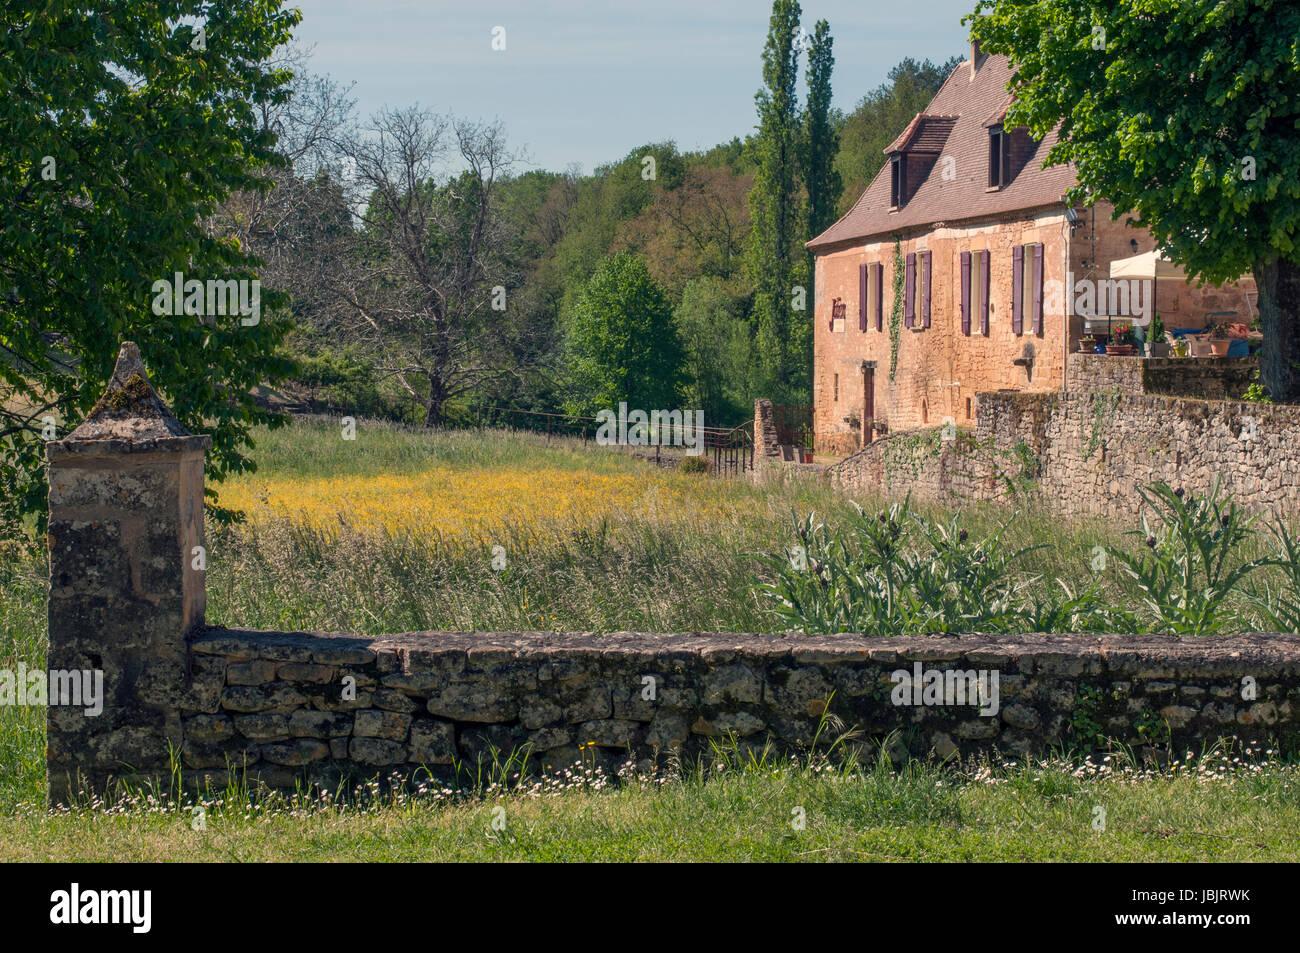 Paunat in der Dordogne-Departement von Frankreich. Das Departement Dordogne ist in der Nouvelle Aquitaine Frankreich Stockbild